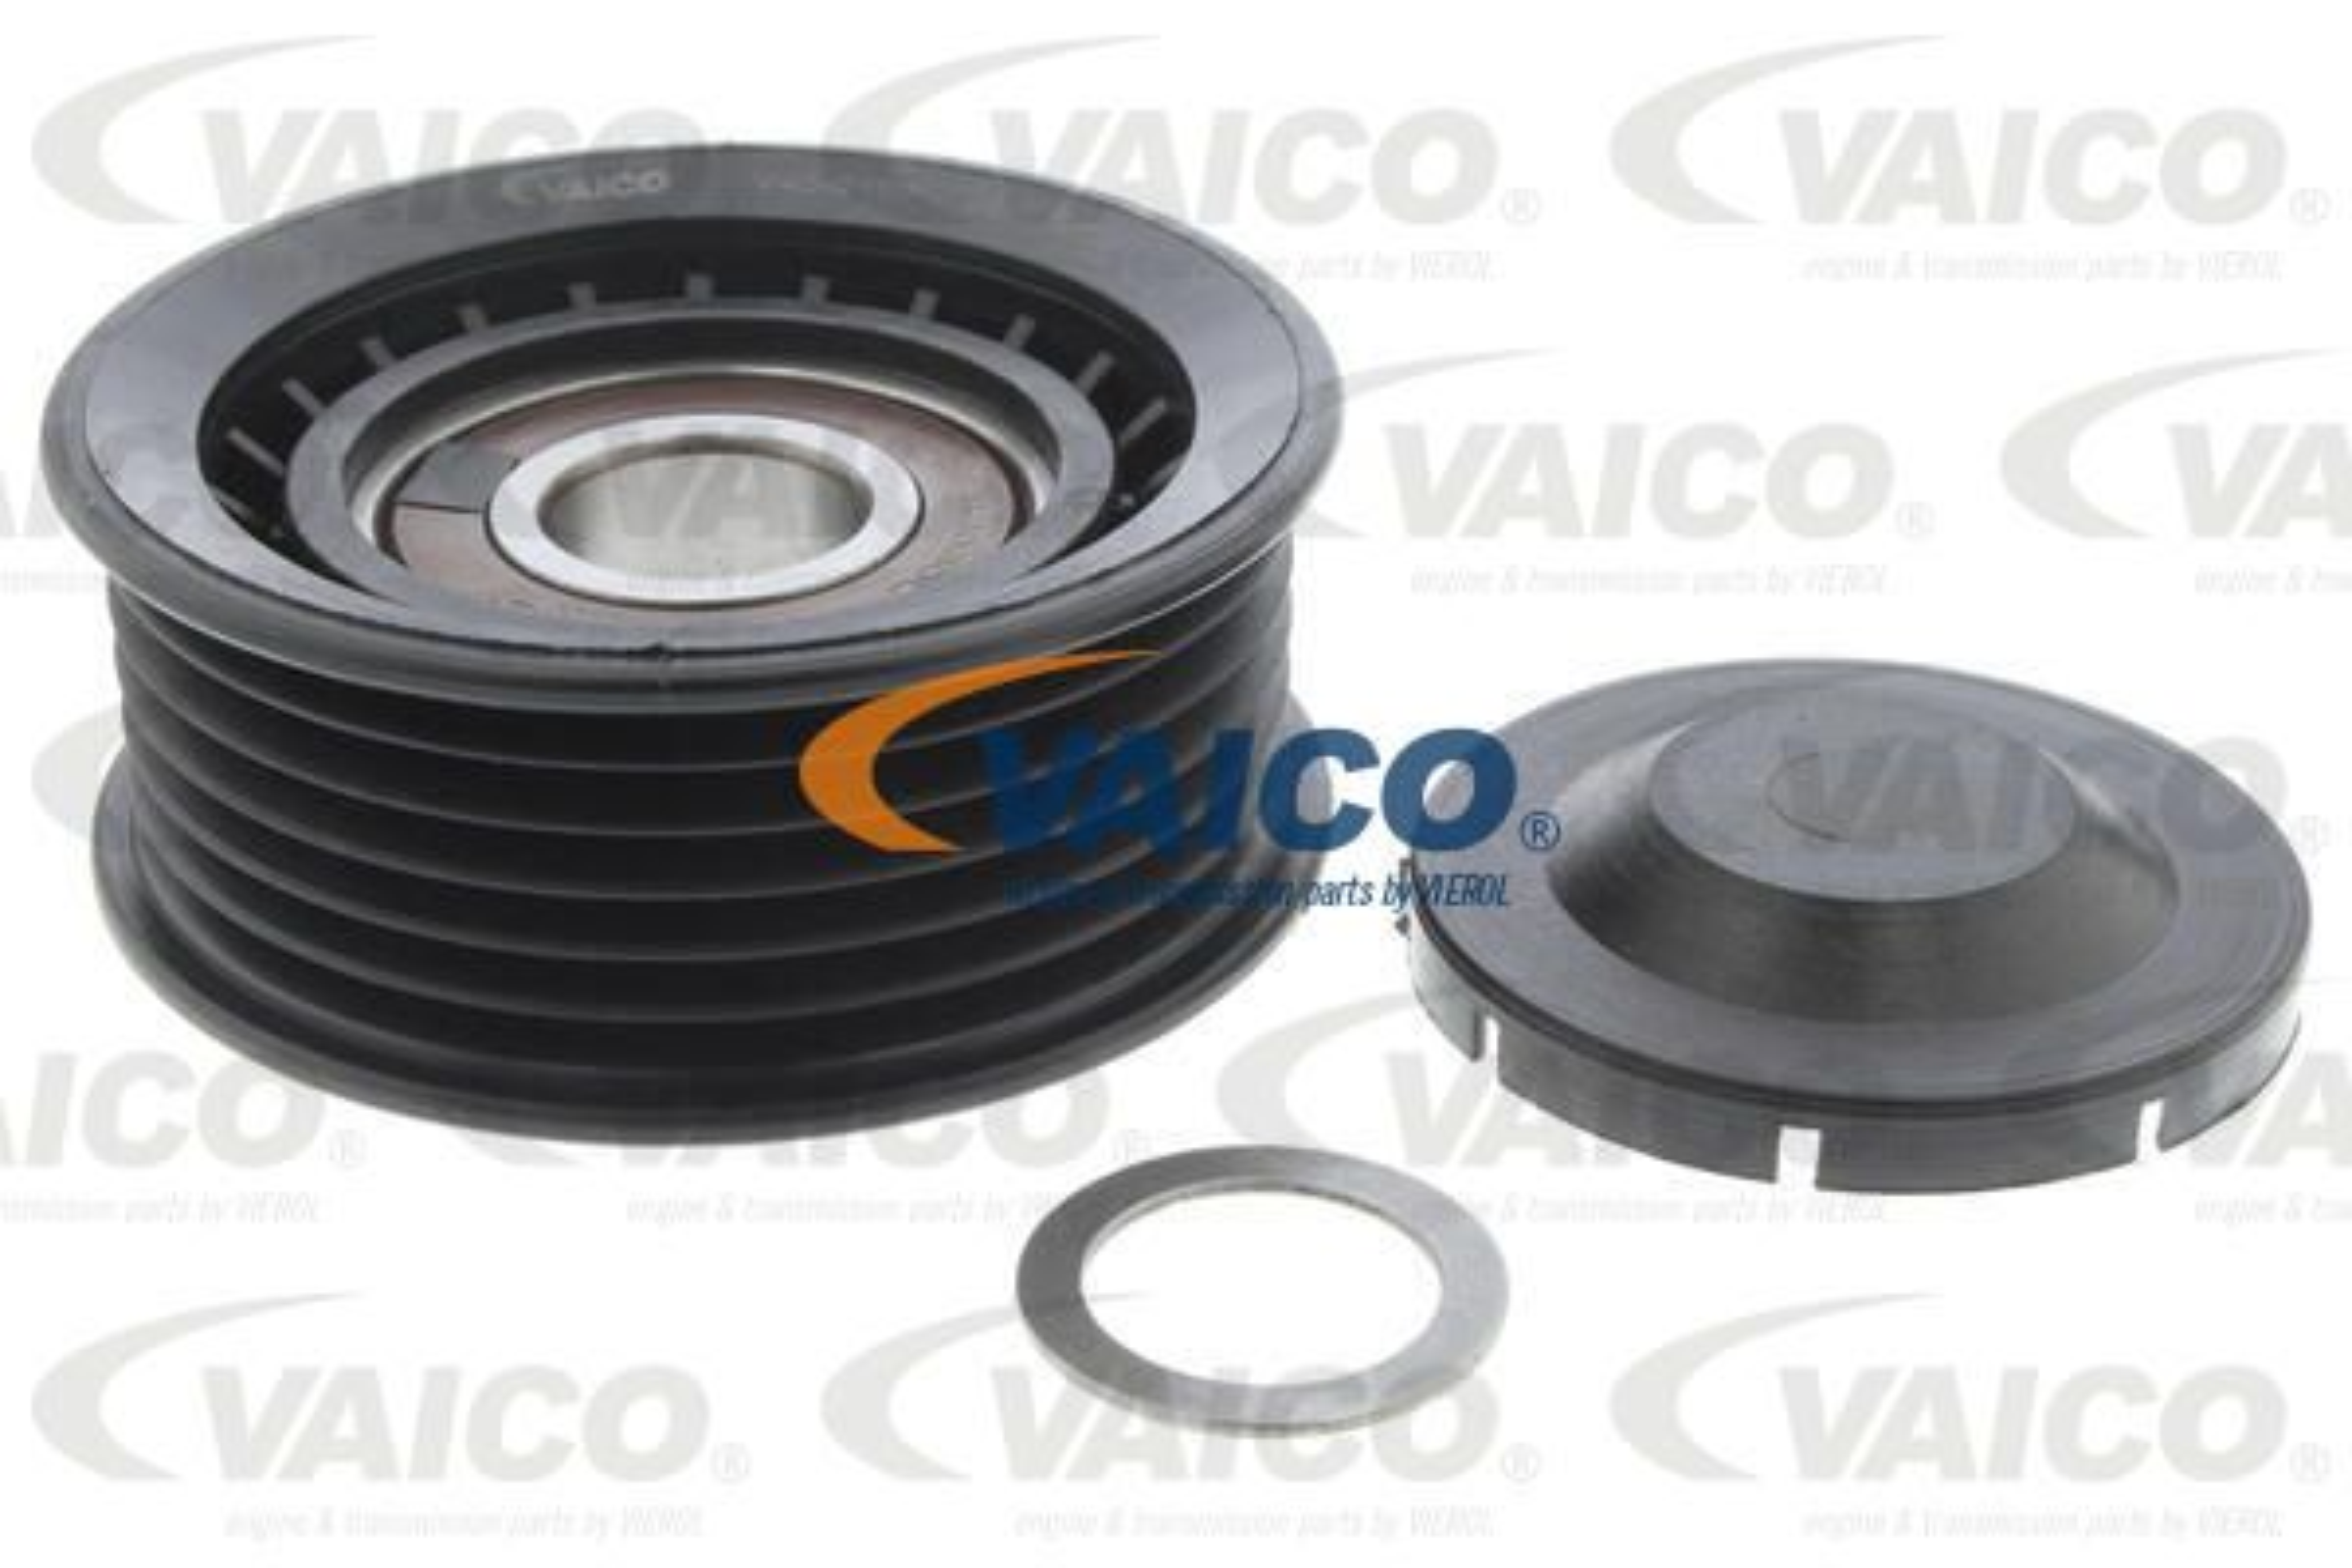 Umlenkrolle Keilrippenriemen V45-0103 VAICO V45-0103 in Original Qualität